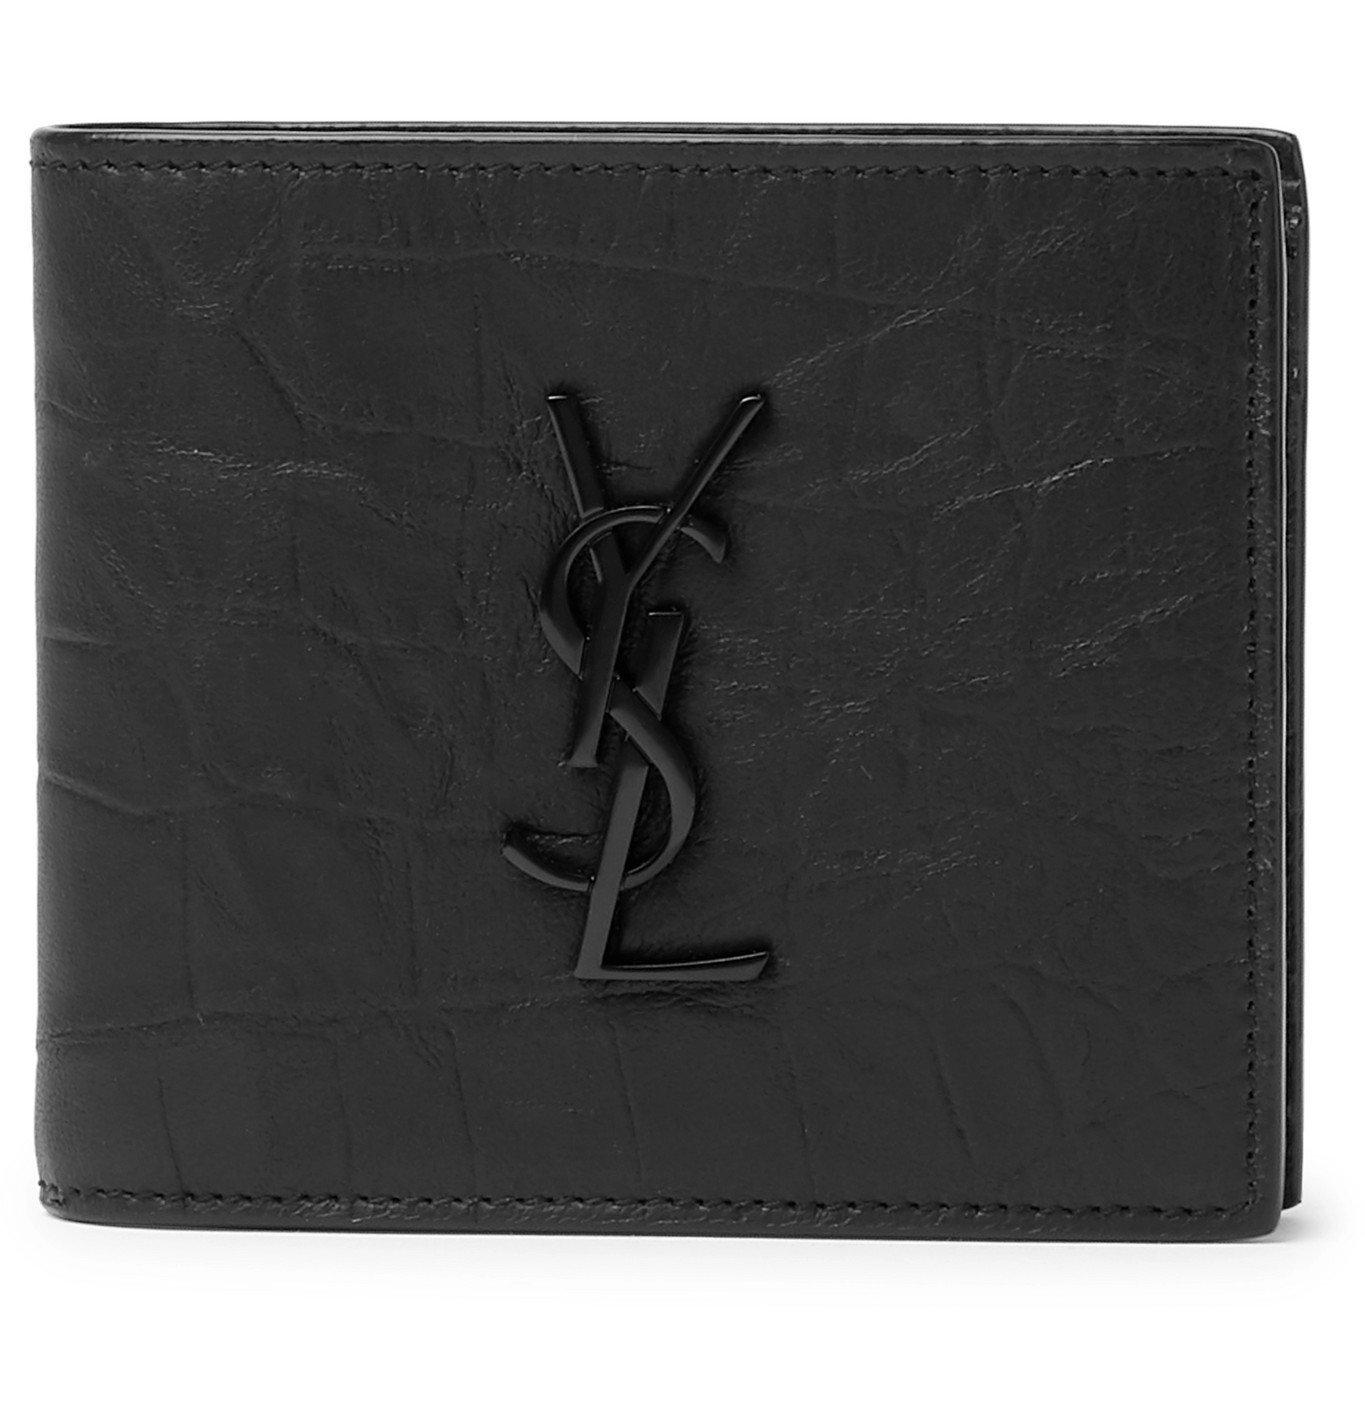 Photo: SAINT LAURENT - Logo-Appliquéd Croc-Effect Leather Billfold Wallet - Black